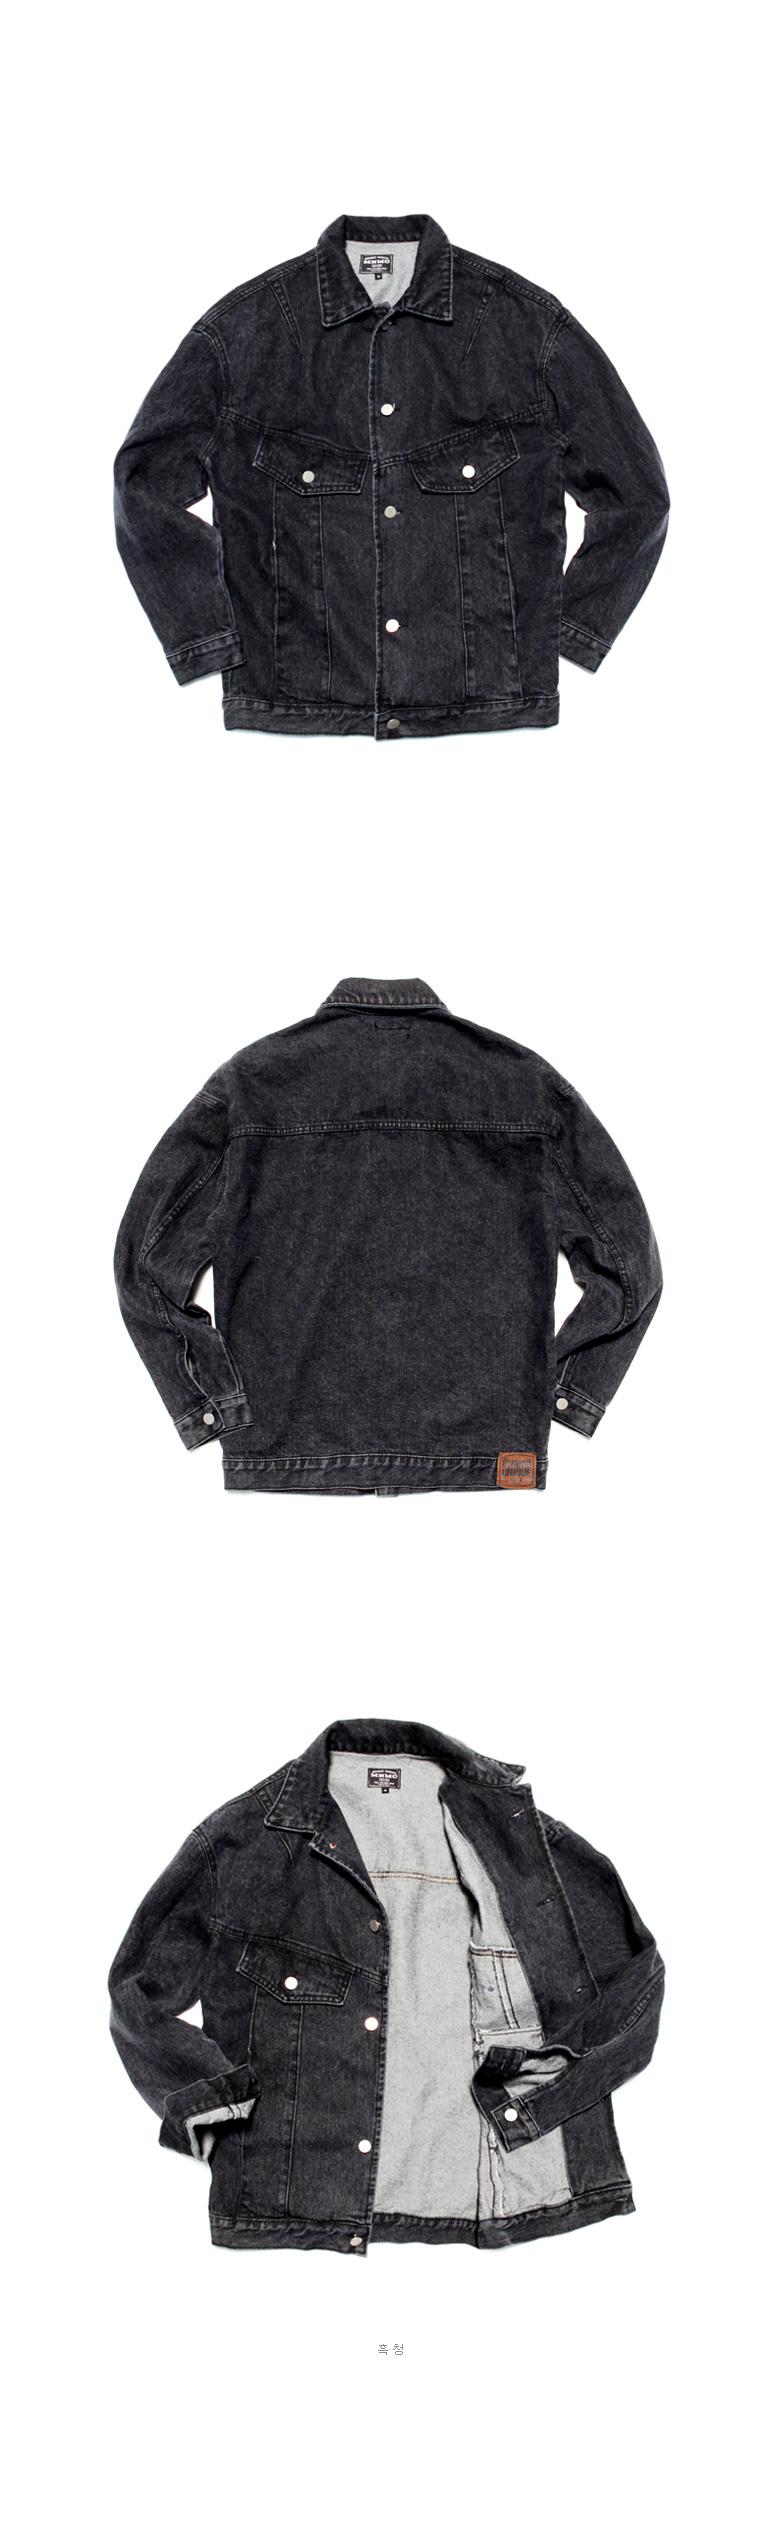 [퍼스텝] 트윈 데님 자켓 3종 SMOT4052